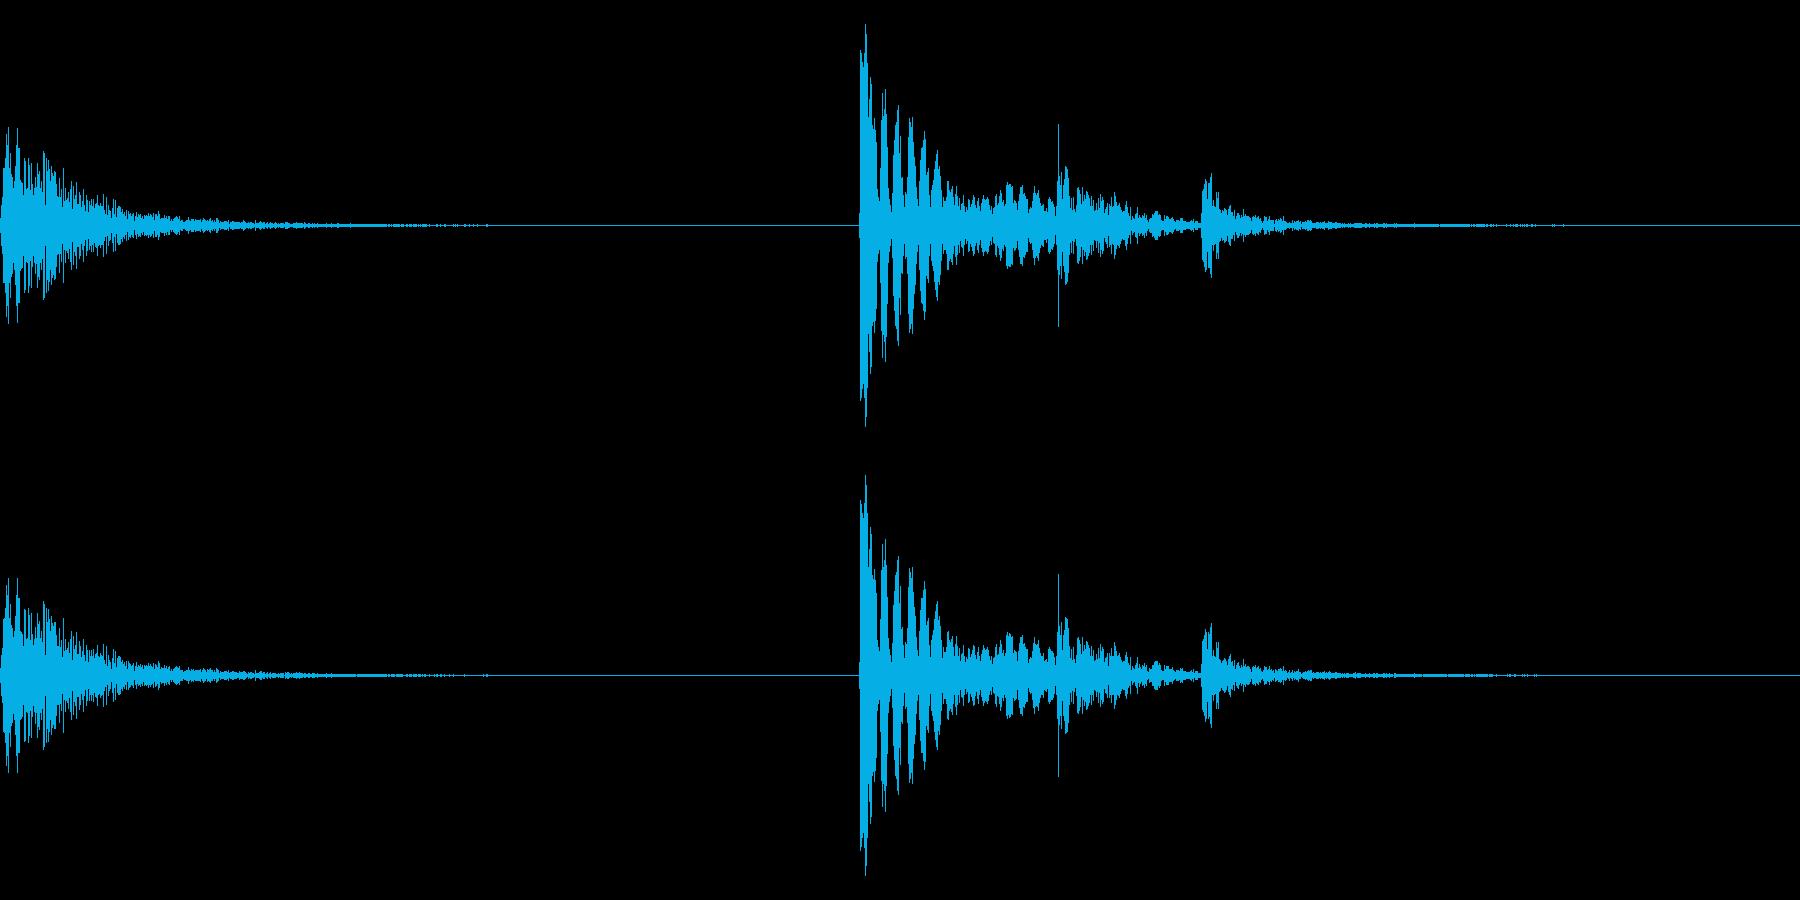 【生録音】金属製フックをかける音 1の再生済みの波形